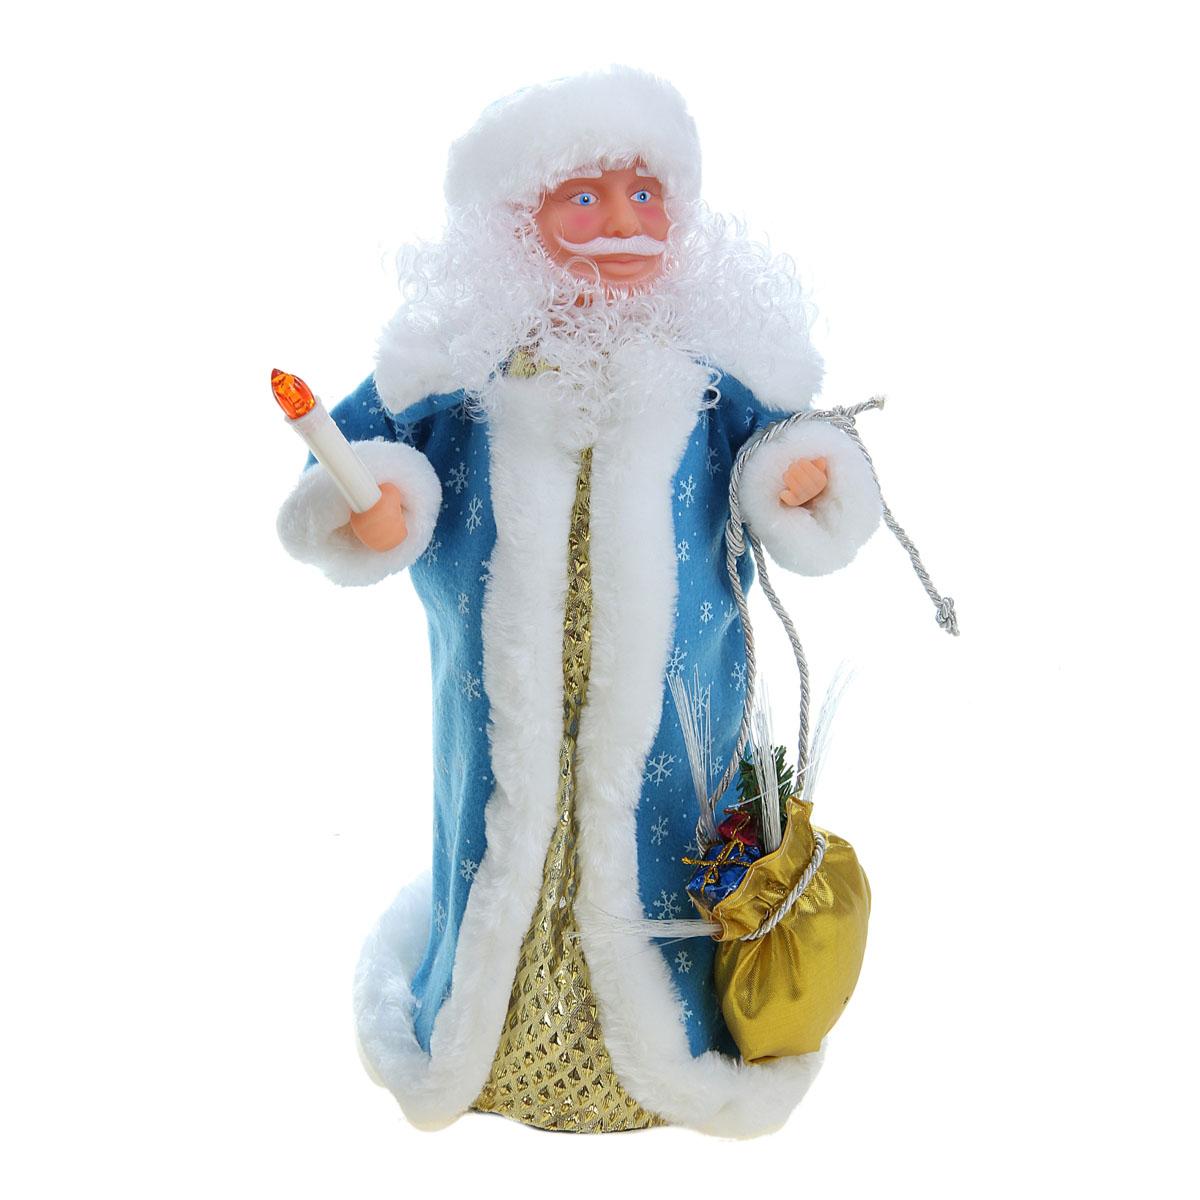 Новогодняя декоративная фигурка Sima-land Дед Мороз, анимированная, высота 38 см. 827807827807Новогодняя декоративная фигурка выполнена из высококачественного пластика в виде Деда Мороза. Дед Мороз одет в шубу с опушкой, украшенную снежинками. На голове шапка в цвет шубы. В одной руке Дед Мороз держит свечку, а в другой мешок с подарками. В мешок встроен светильник на основе световодов из полимерного оптического волокна. Фигурка стоит на подставке. Особенностью фигурки является наличие механизма, при включении которого играет мелодия, свечка и мешок светятся, а голова и руки куклы начинают двигаться. Его добрый вид и очаровательная улыбка притягивают к себе восторженные взгляды. Декоративная фигурка Дед Мороз подойдет для оформления новогоднего интерьера и принесет с собой атмосферу радости и веселья. УВАЖАЕМЫЕ КЛИЕНТЫ! Обращаем ваше внимание на тот факт, что декоративная фигурка работает от трех батареек типа АА/R6/AM3 напряжением 1,5V. Батарейки в комплект не входят.